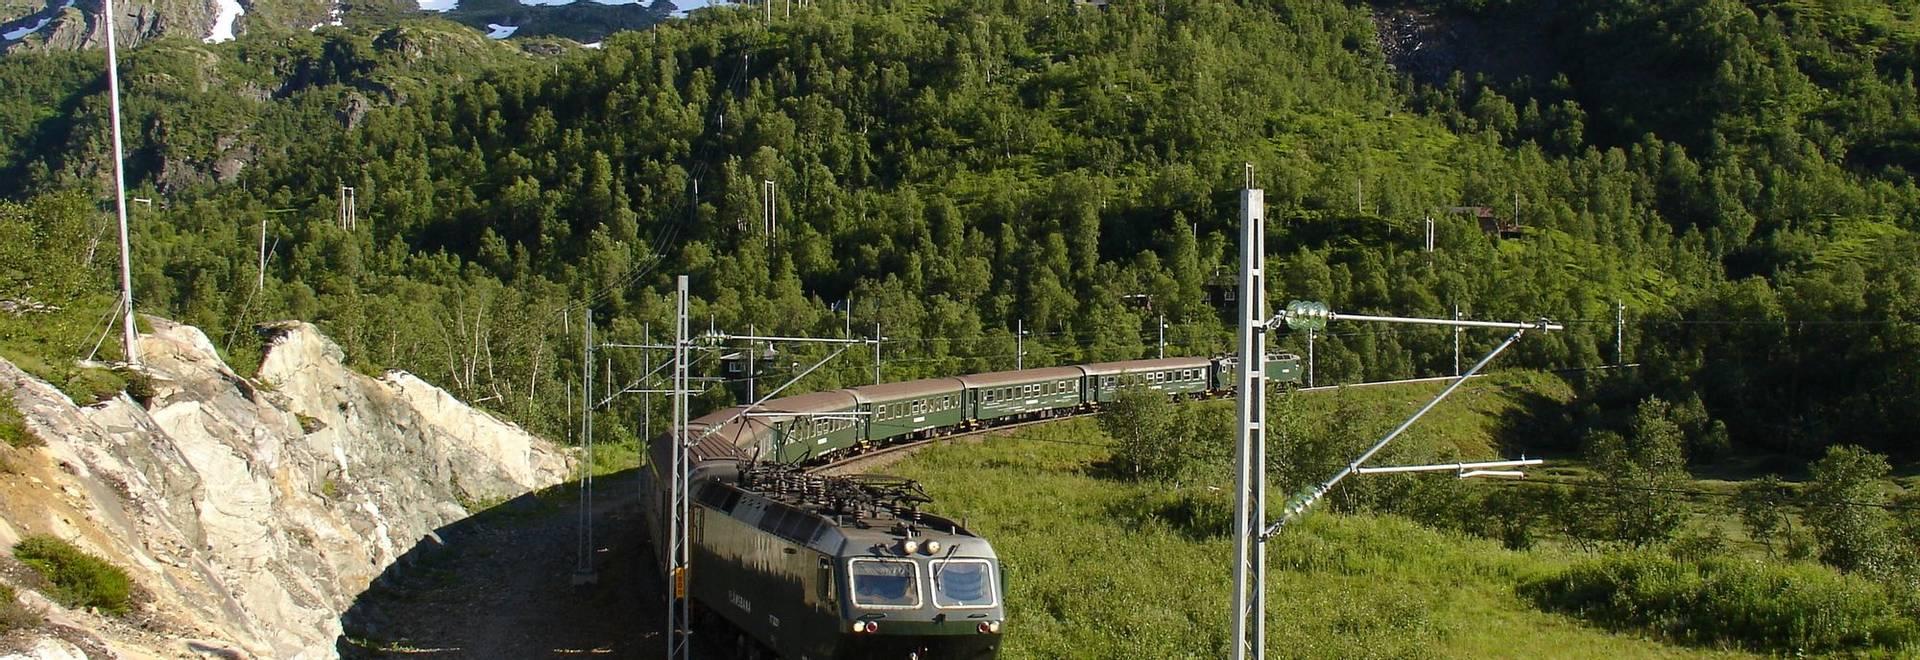 dreamstime_m_24308438 Flam Railway.jpg